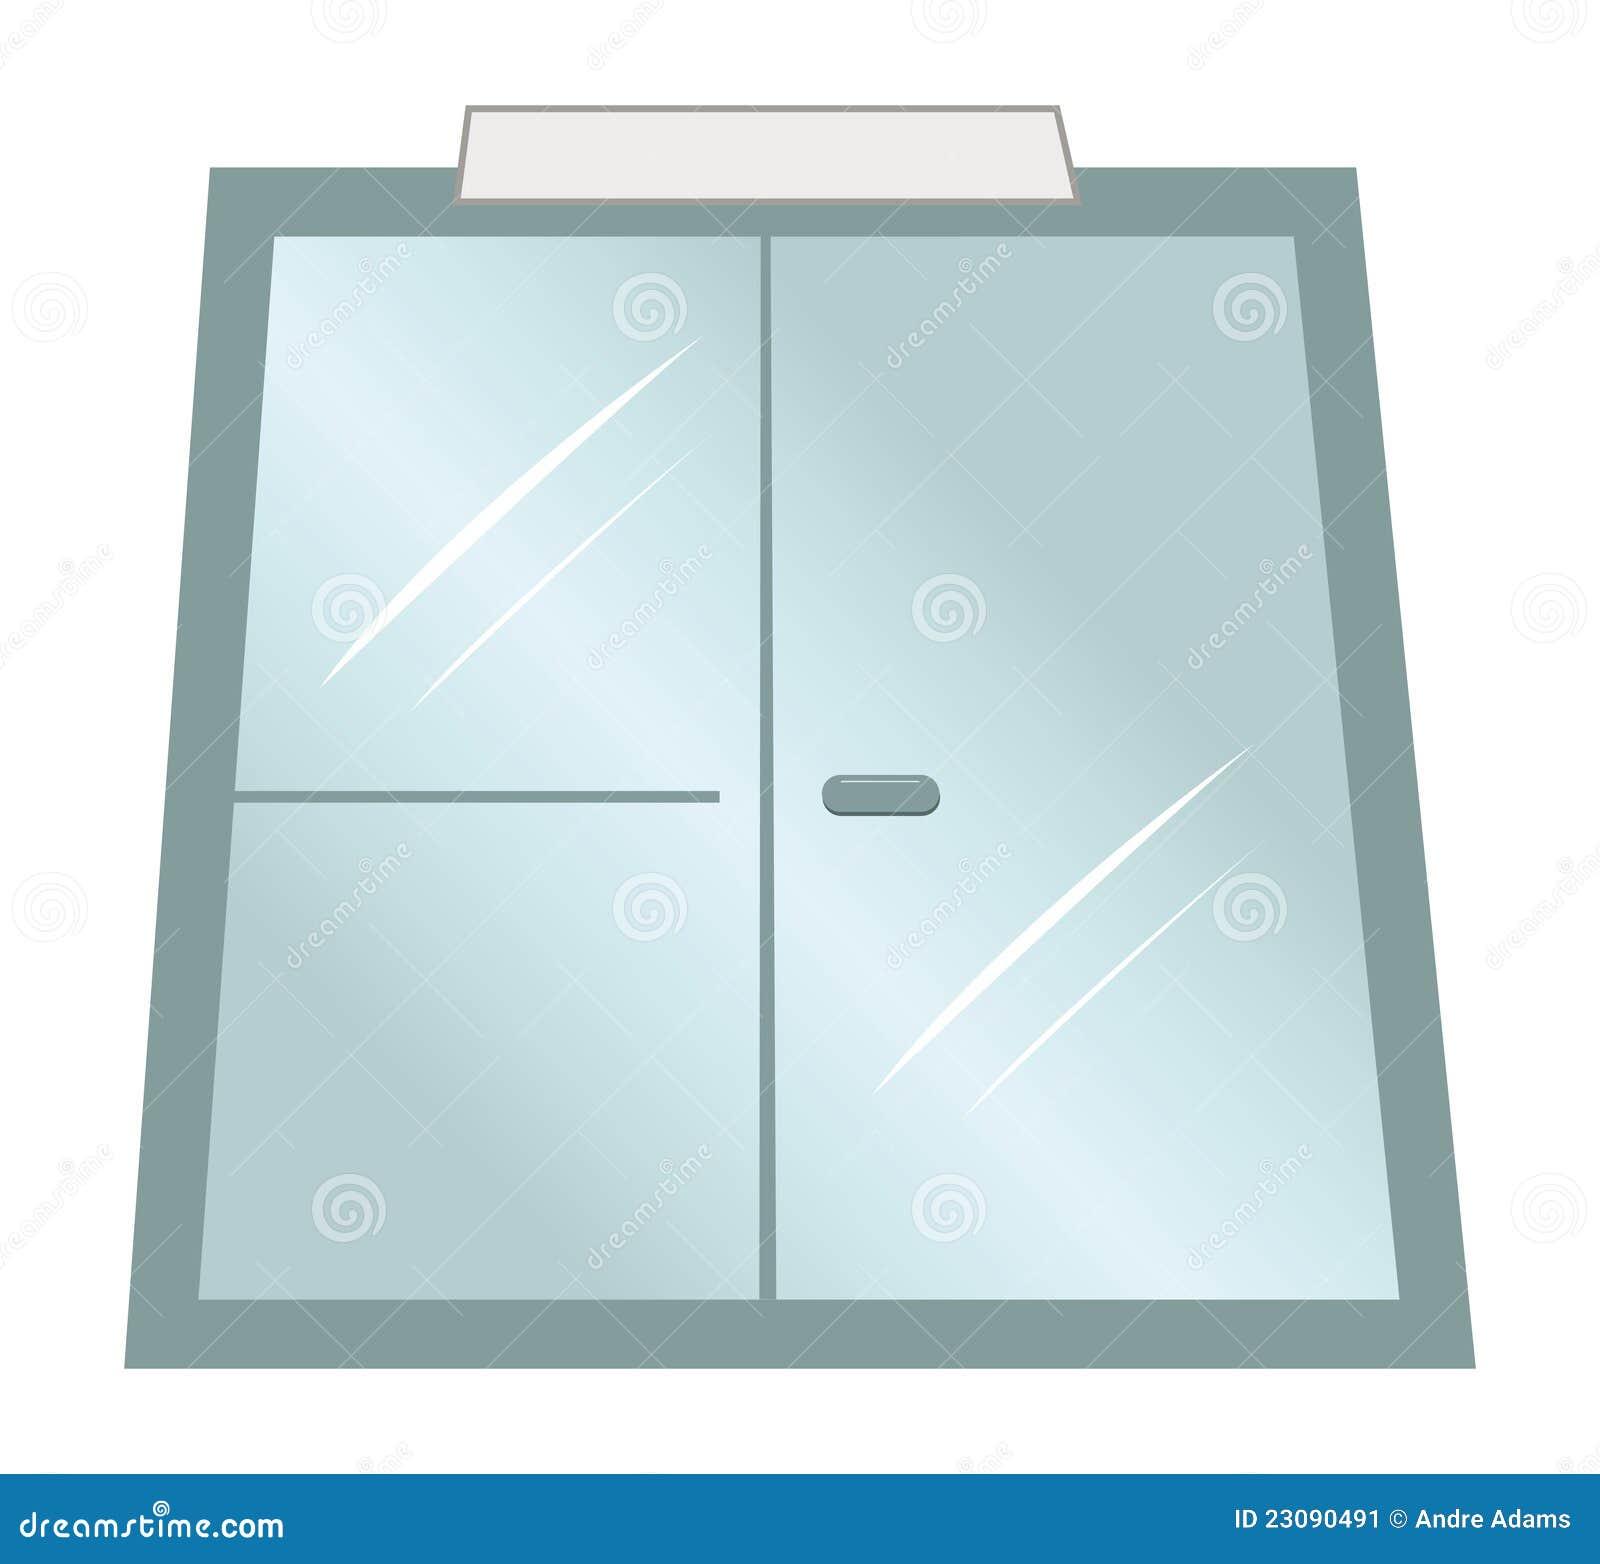 Puertas de cristal ilustraci n del vector imagen de for Imagenes de puertas de cristal